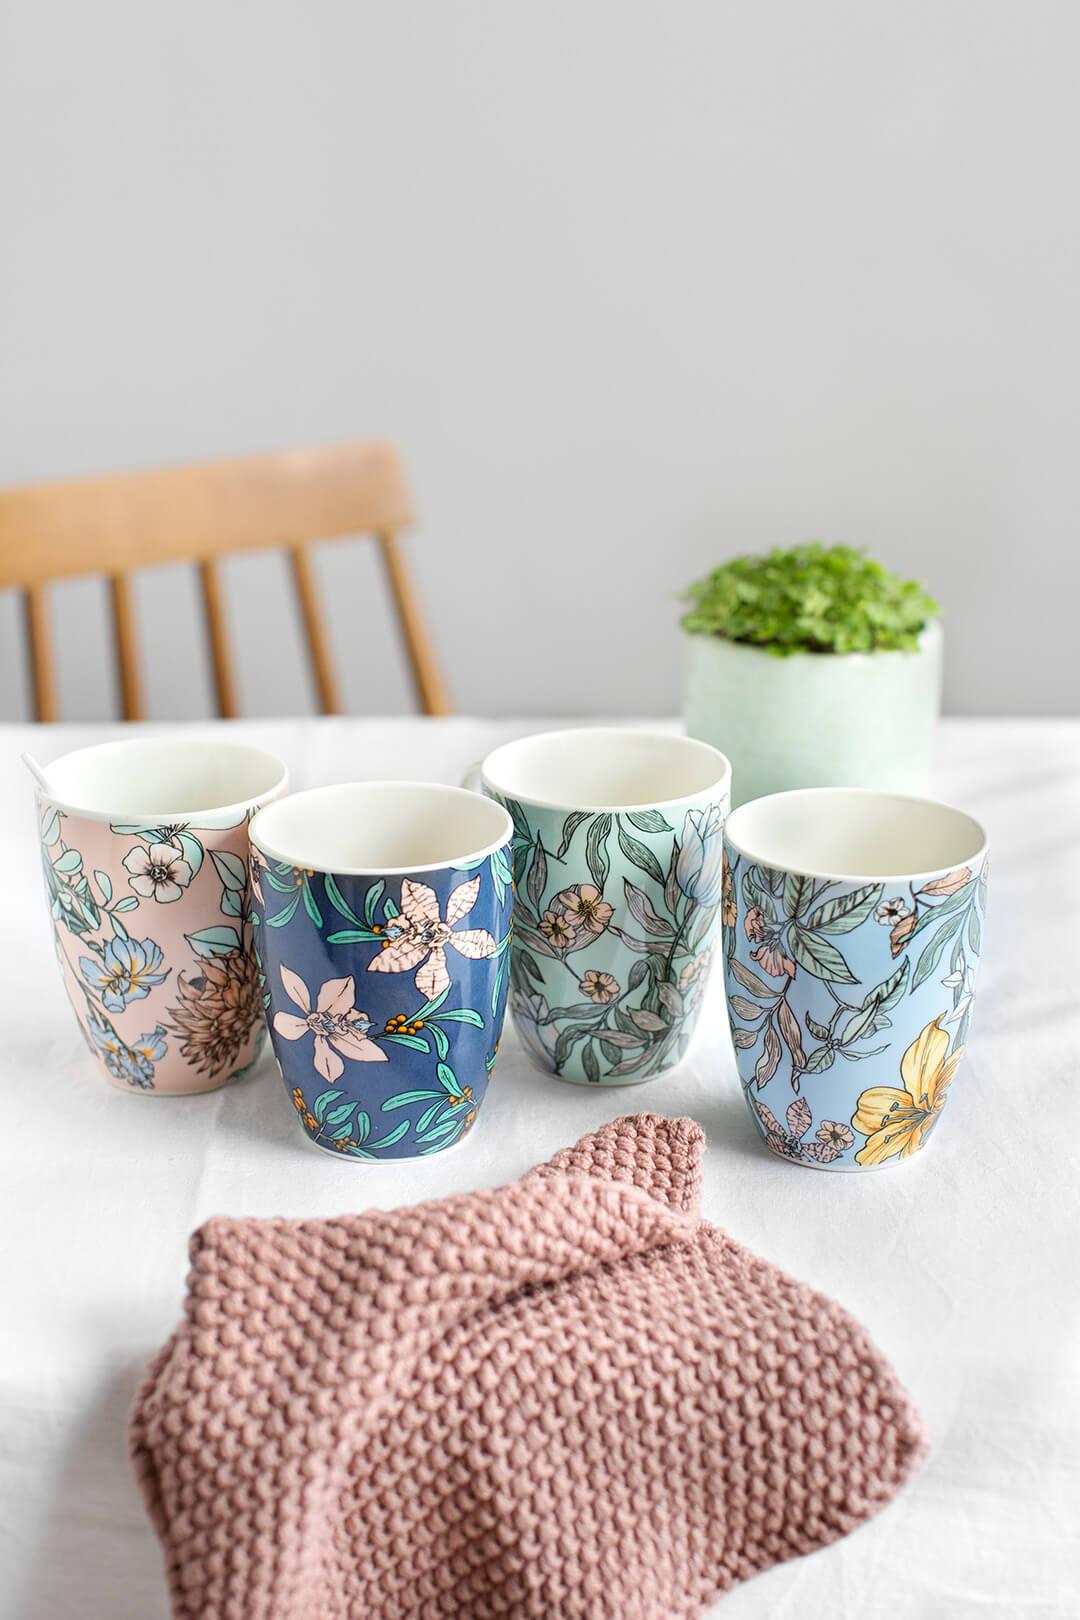 Tazas de porcelana XL con estampado de flores (4 colores).